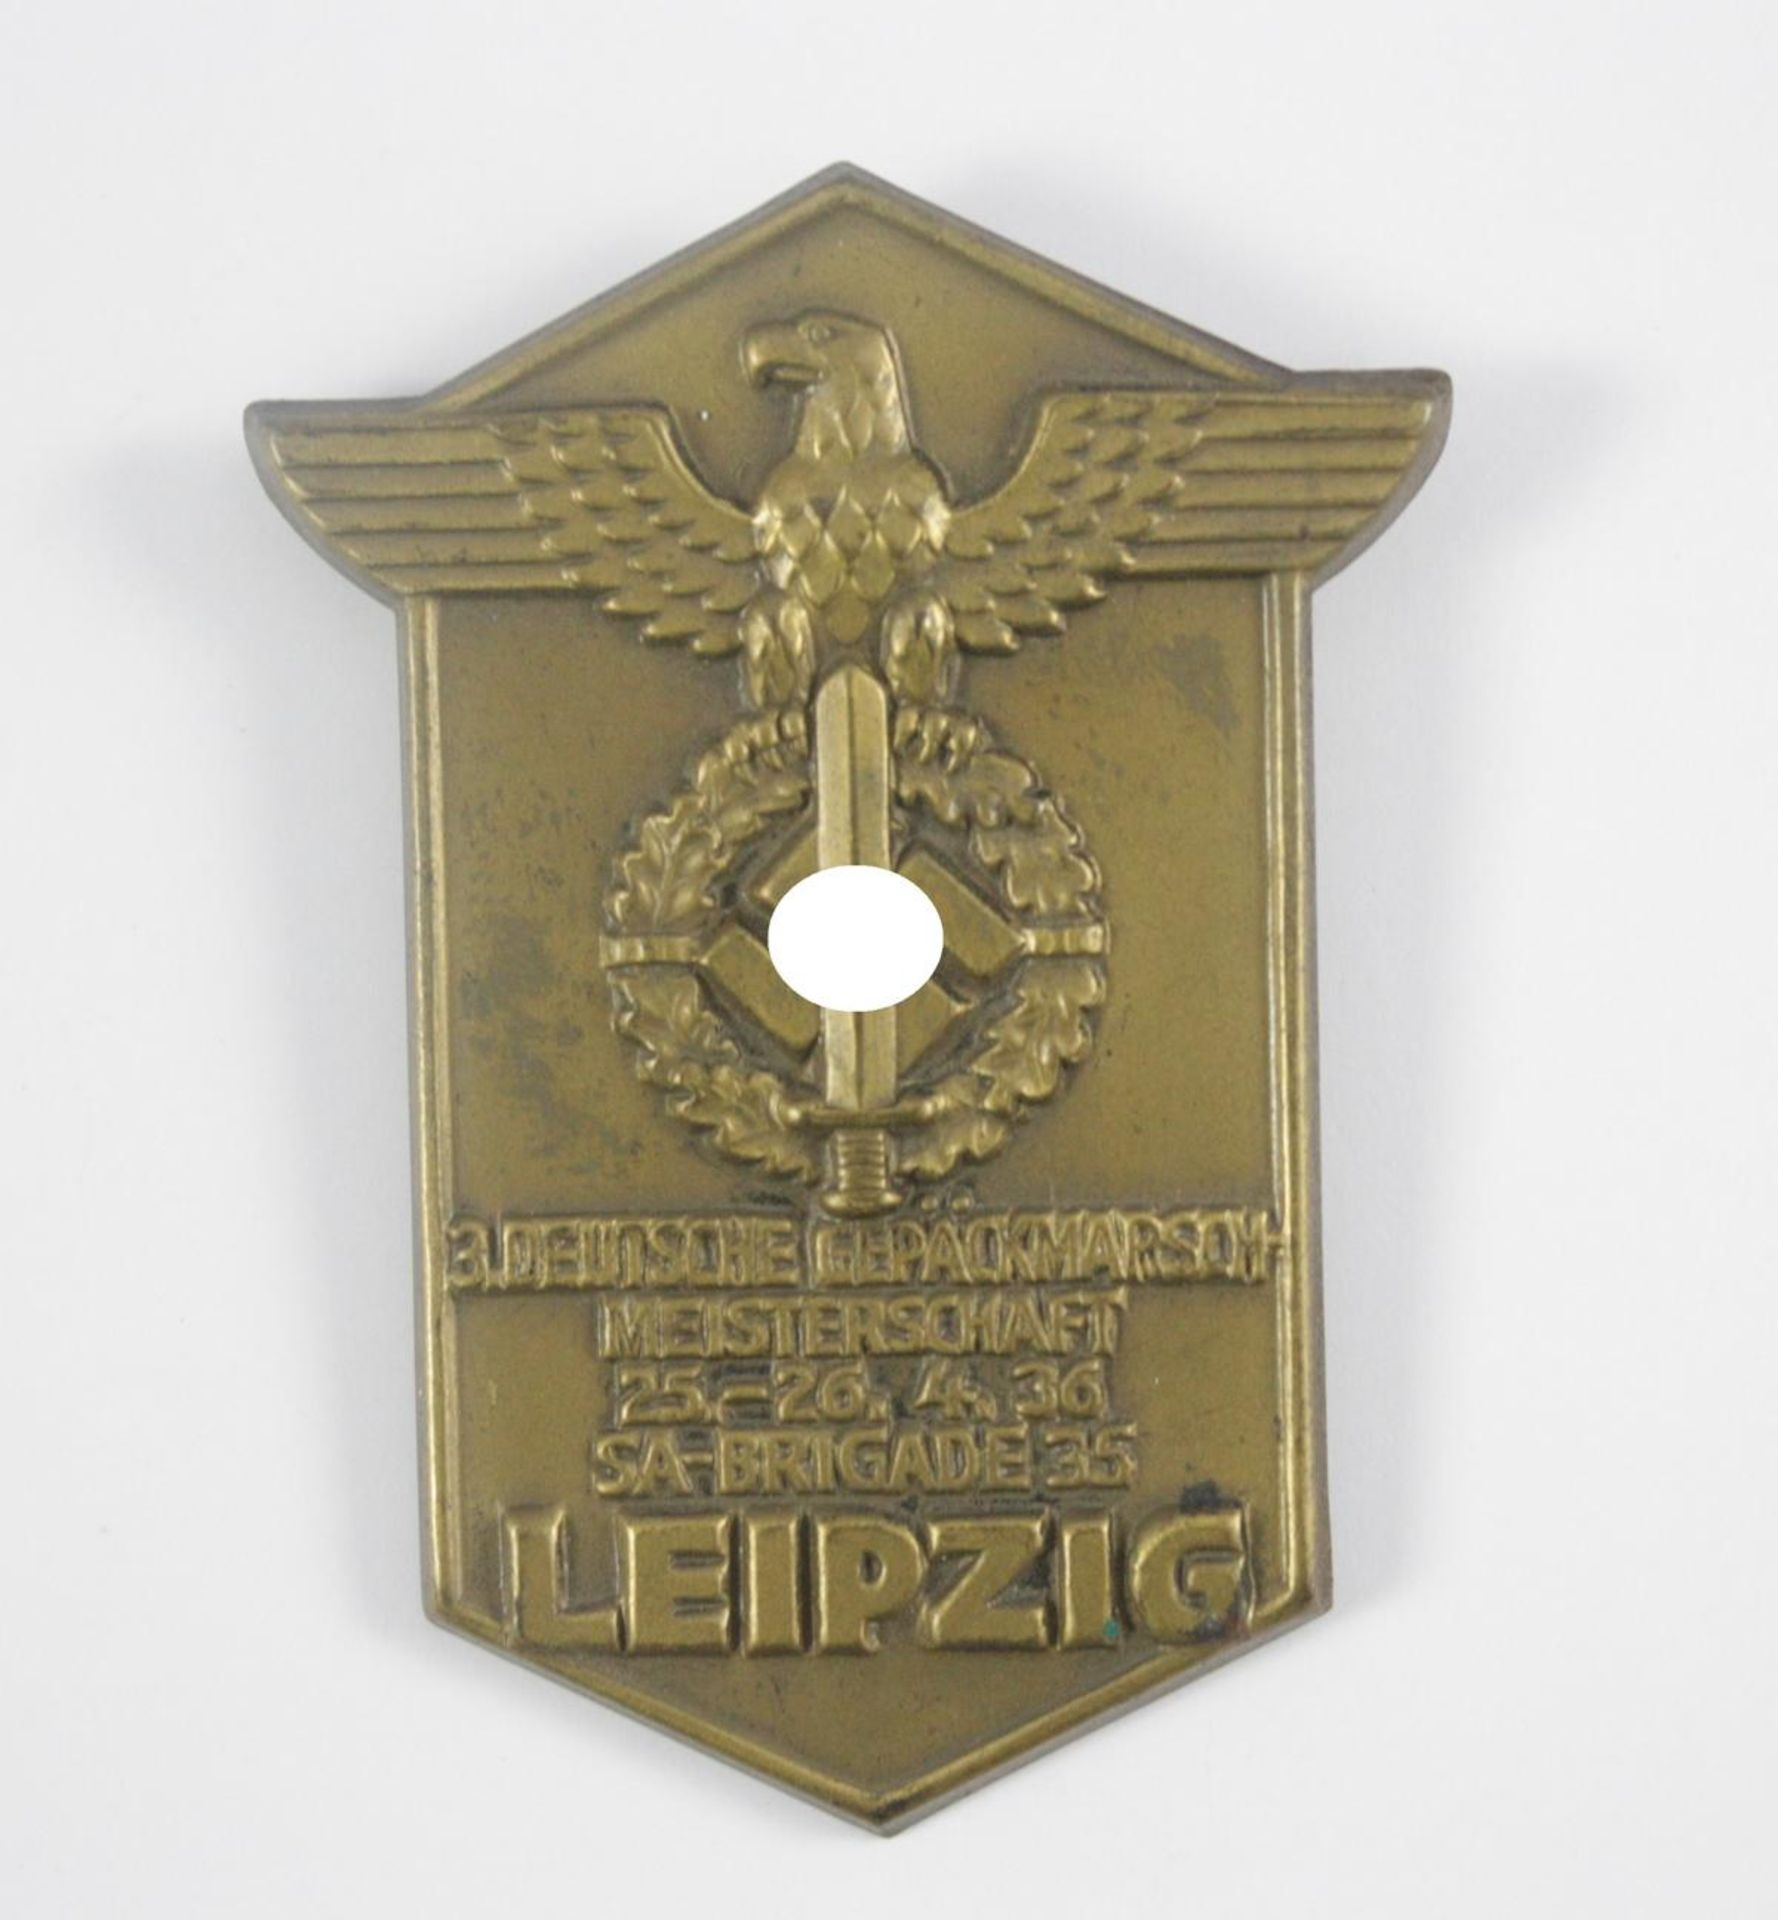 Abzeichen, 3. Deutsche Gepäckmarschmeisterschaft 1936, SA Brigade 35, Leipzig